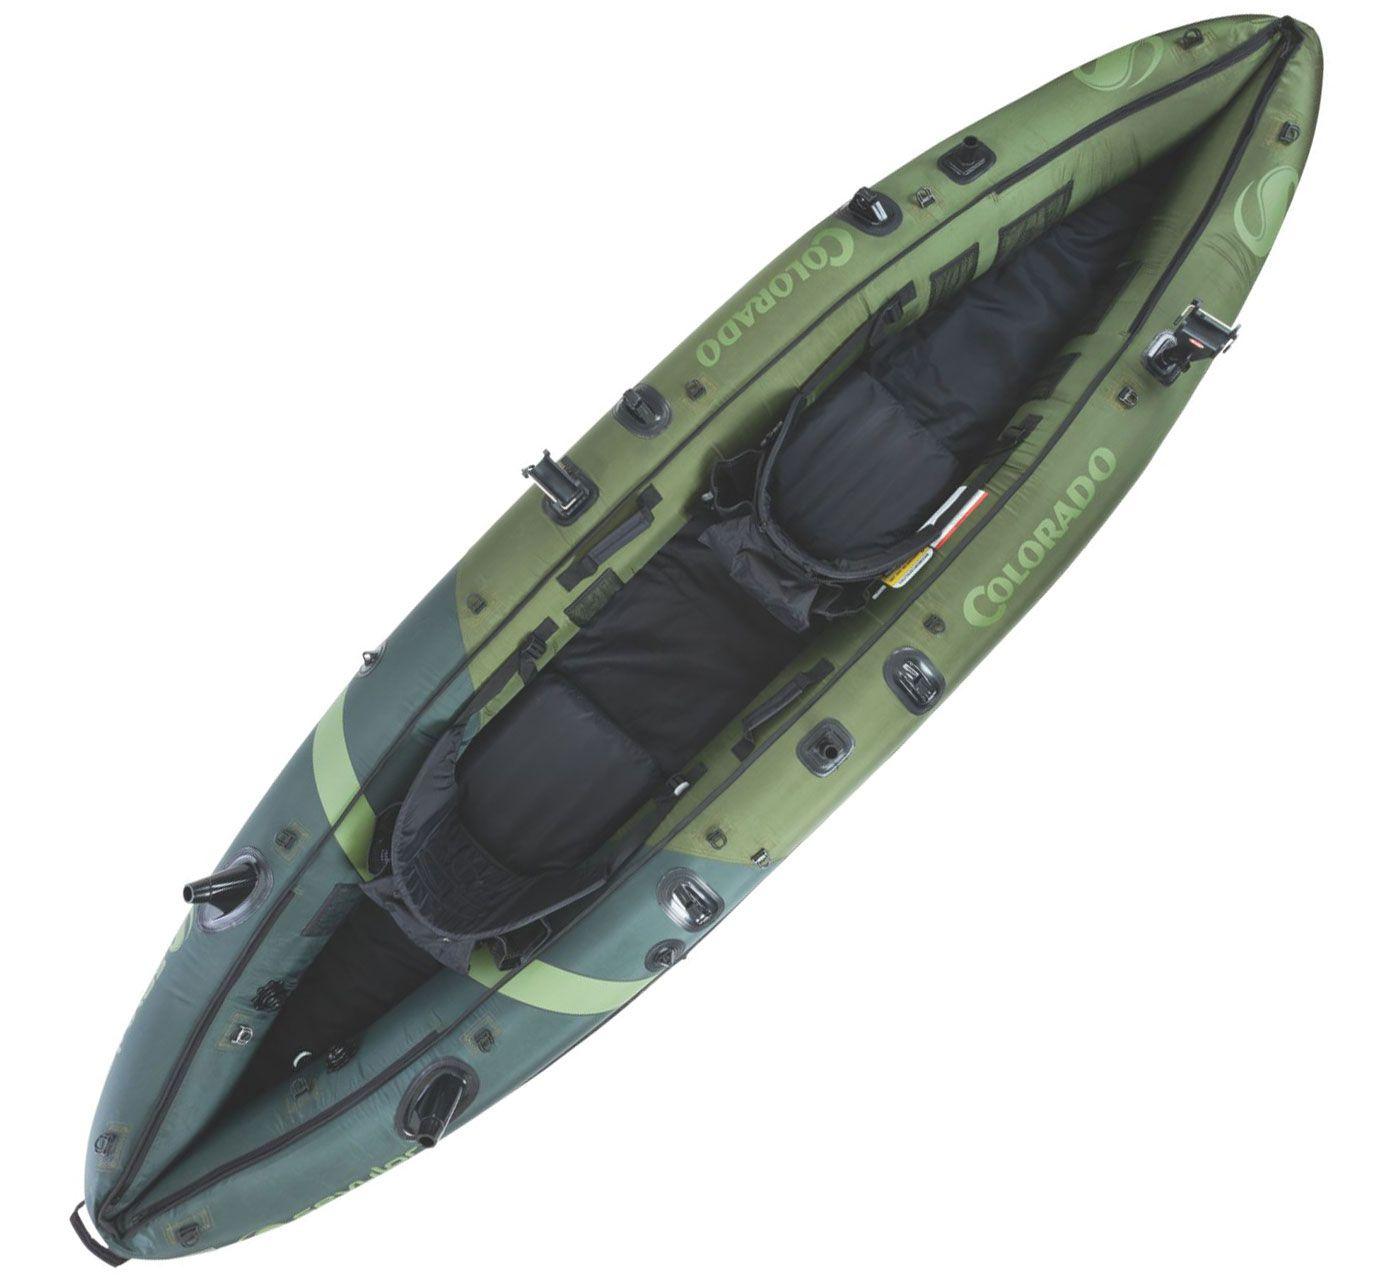 Sevylor Colorado HF Angler Inflatable Kayak